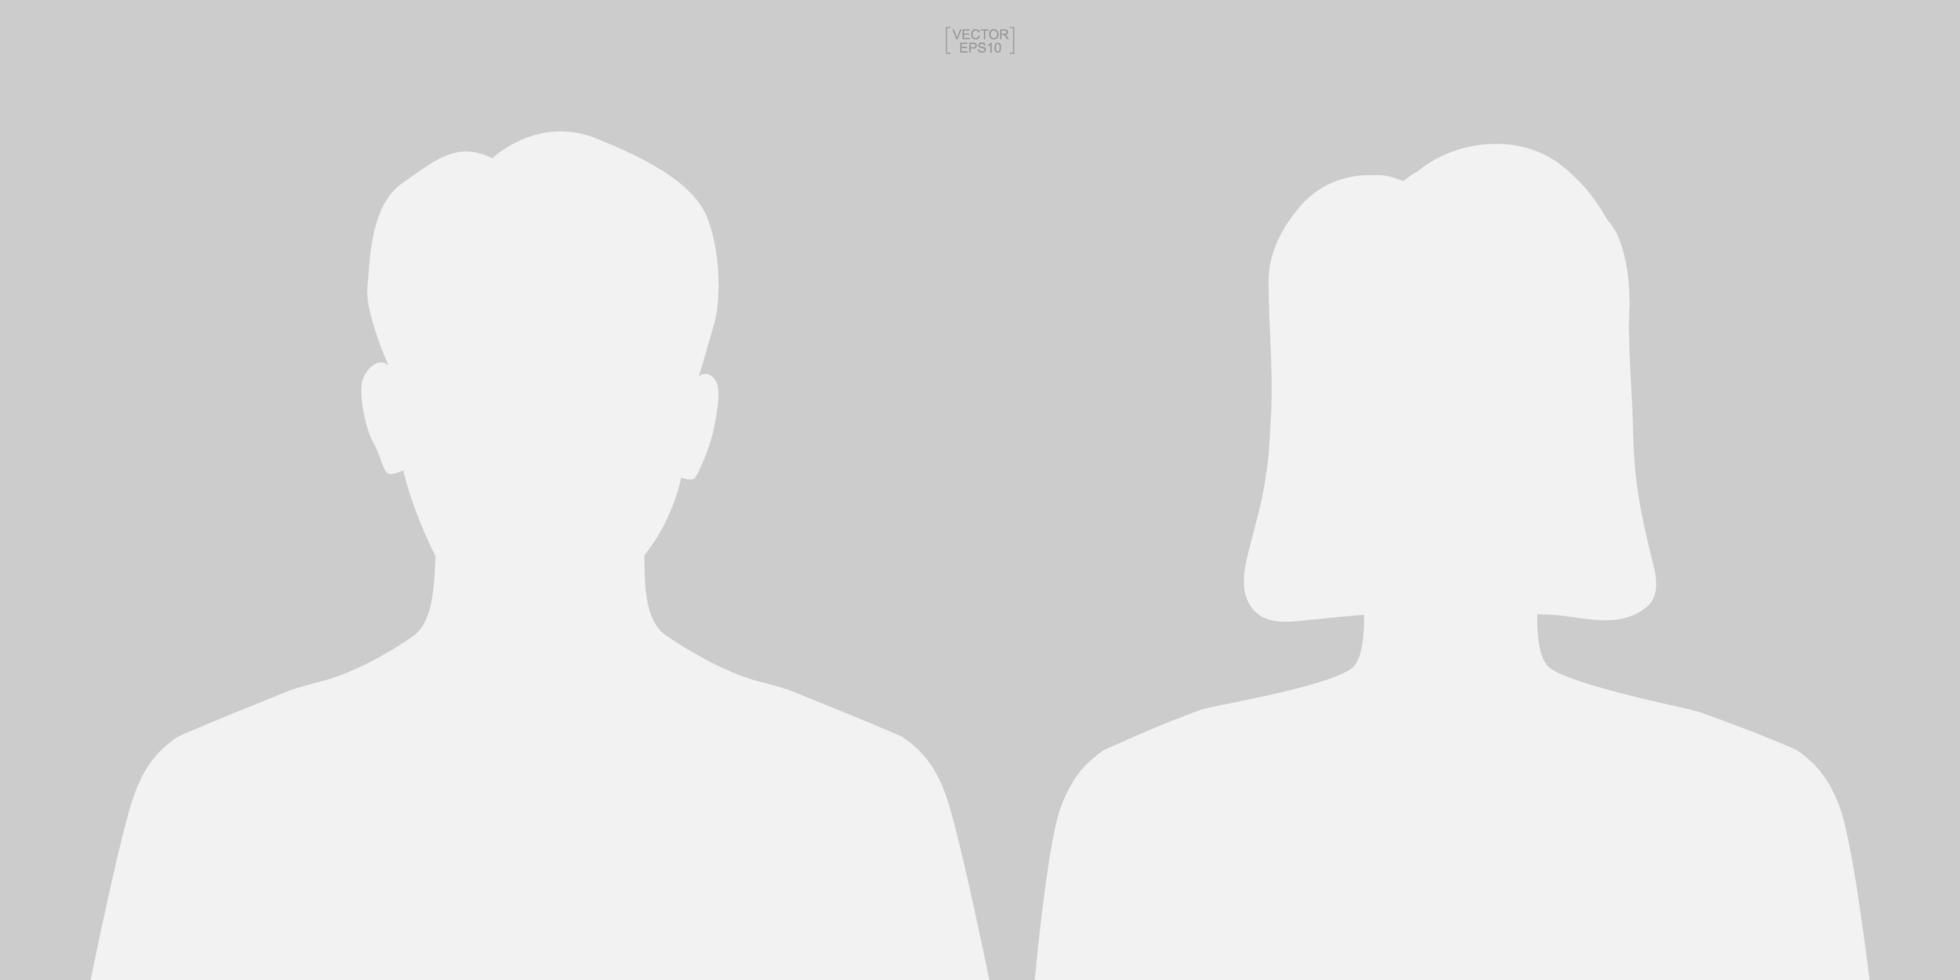 manlig och kvinnlig symbol. mänsklig profilikon eller personerikon. man och kvinna tecken och symbol. vektor. vektor